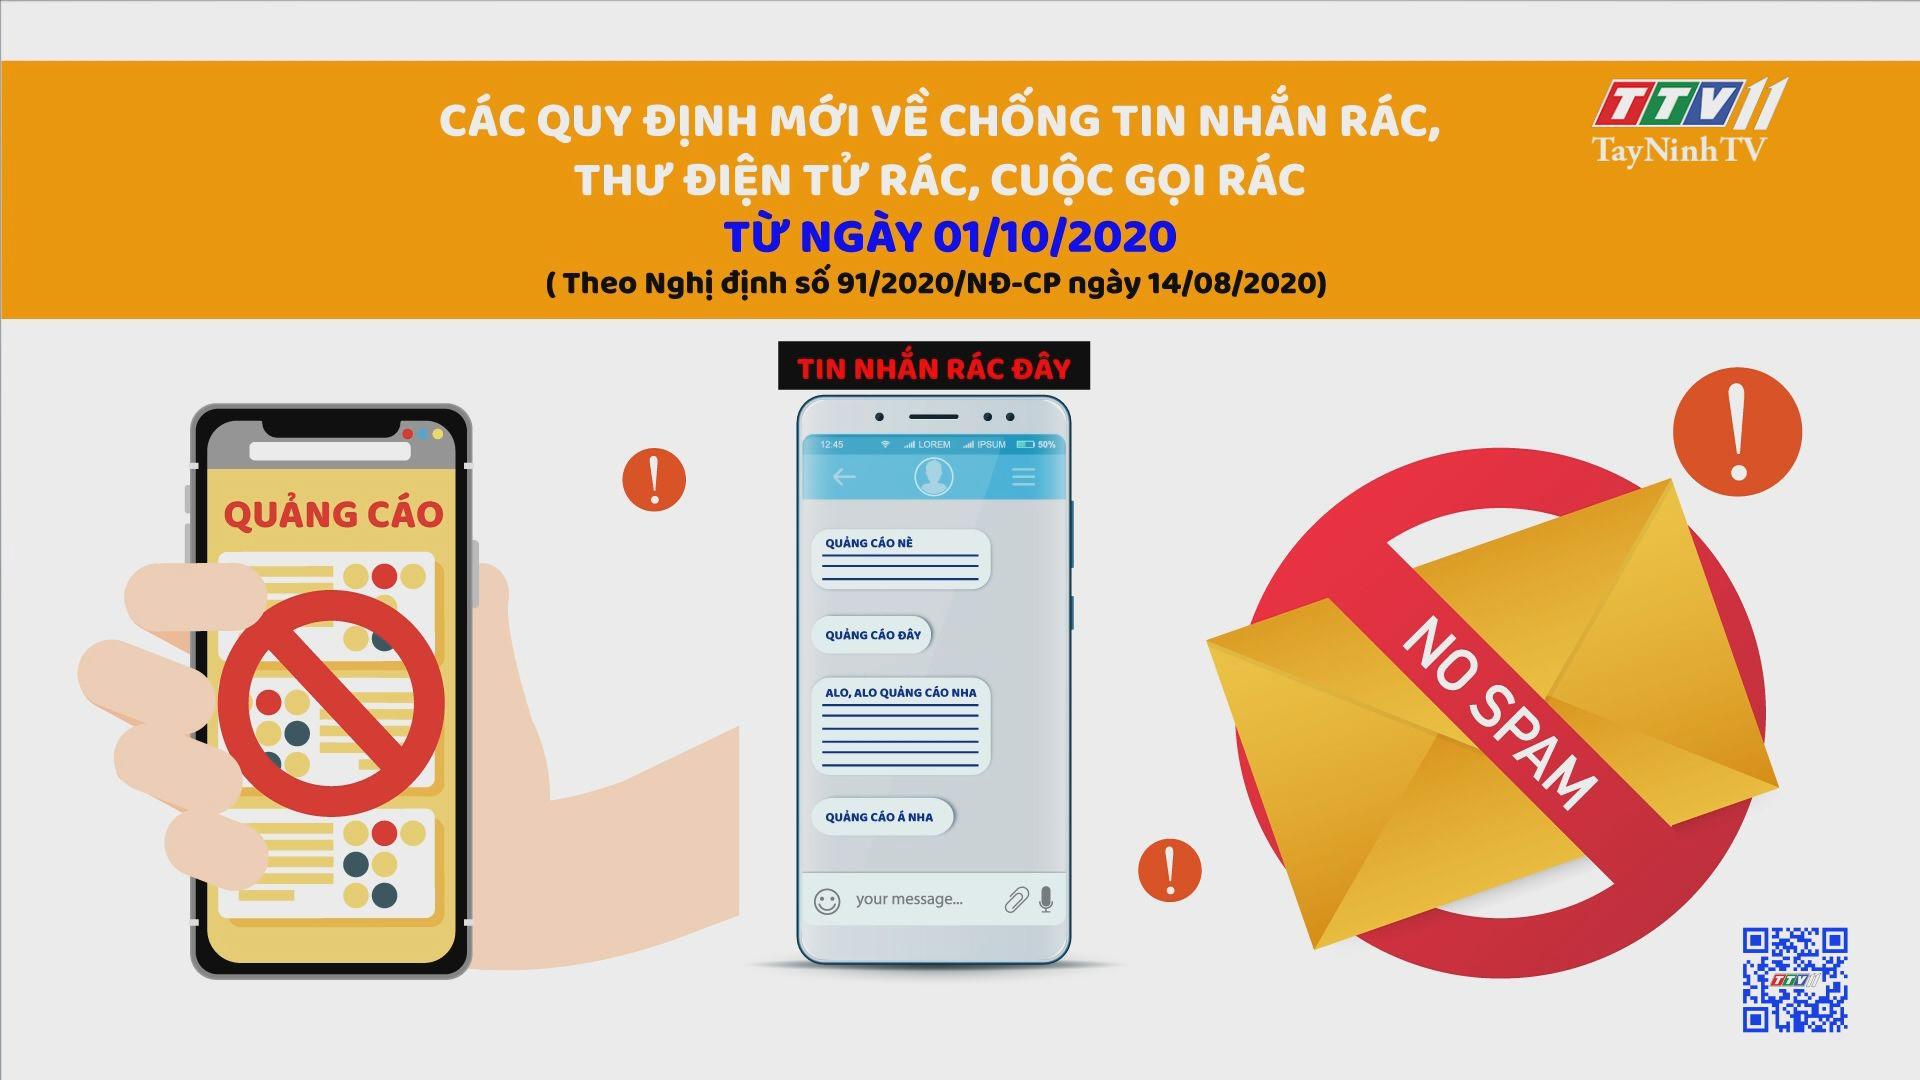 Các Quy định mới về chống tin nhắn rác, thư điện tử rác, cuộc gọi rác từ ngày 01/10/2020 | TayNinhTV